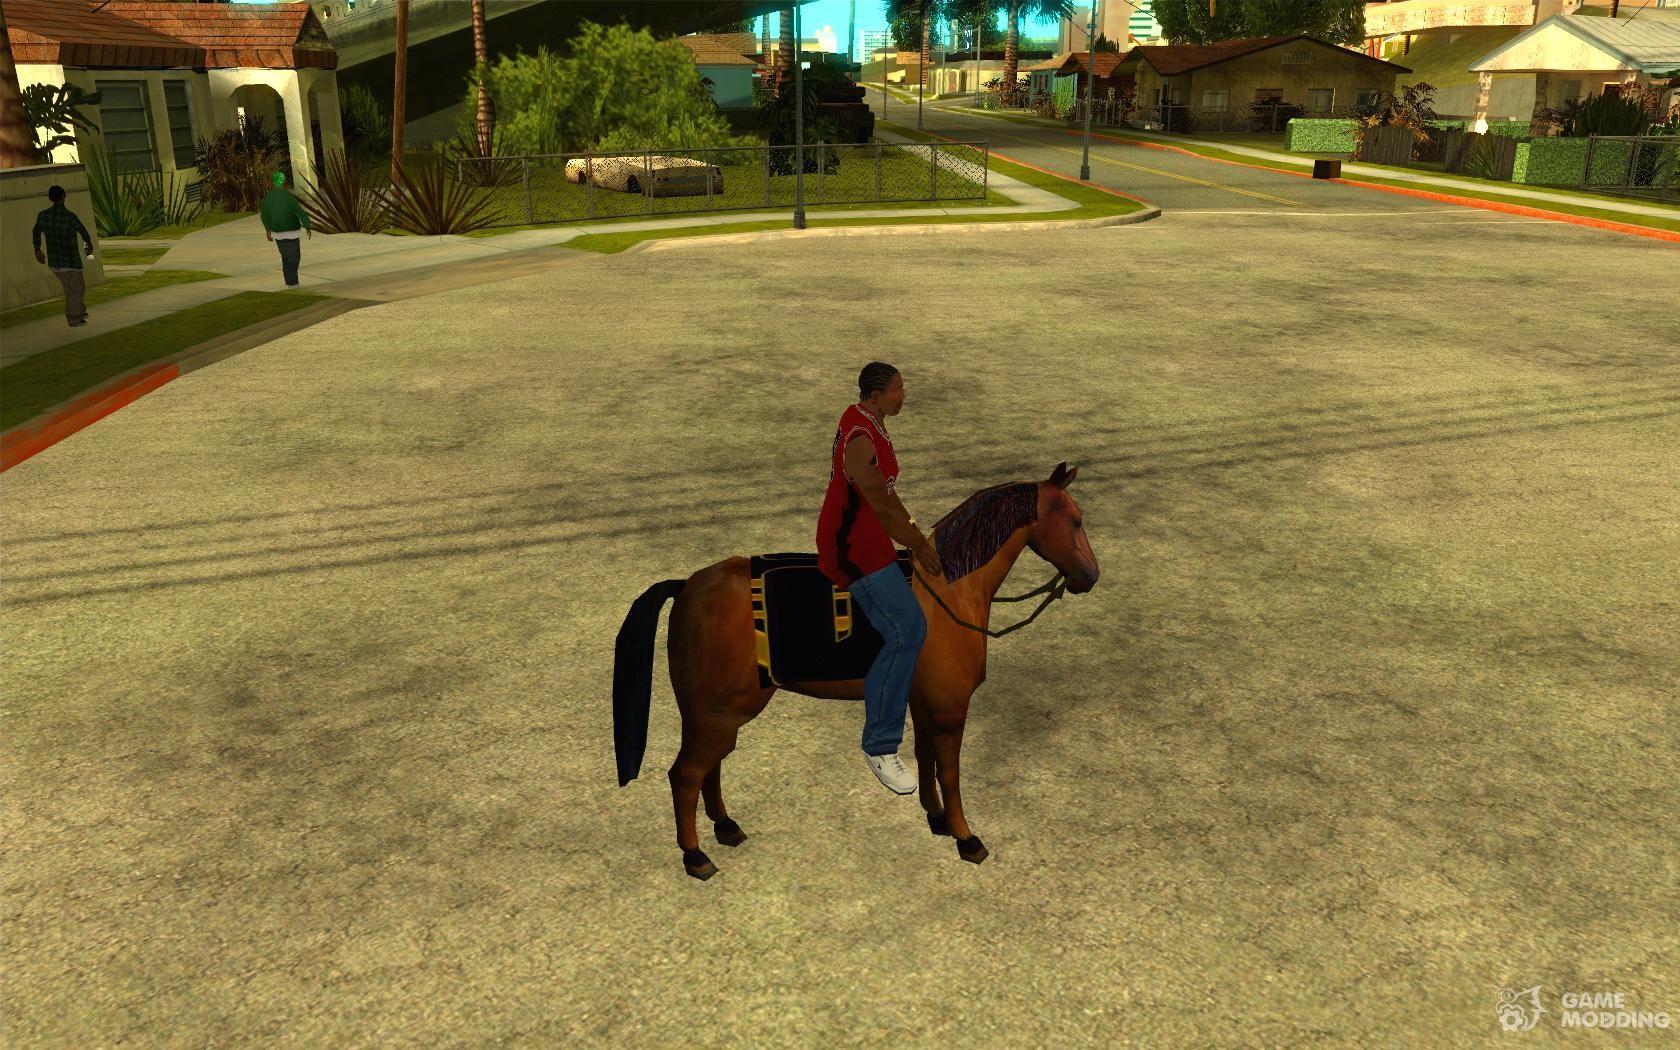 Gta san andreas gambling horse